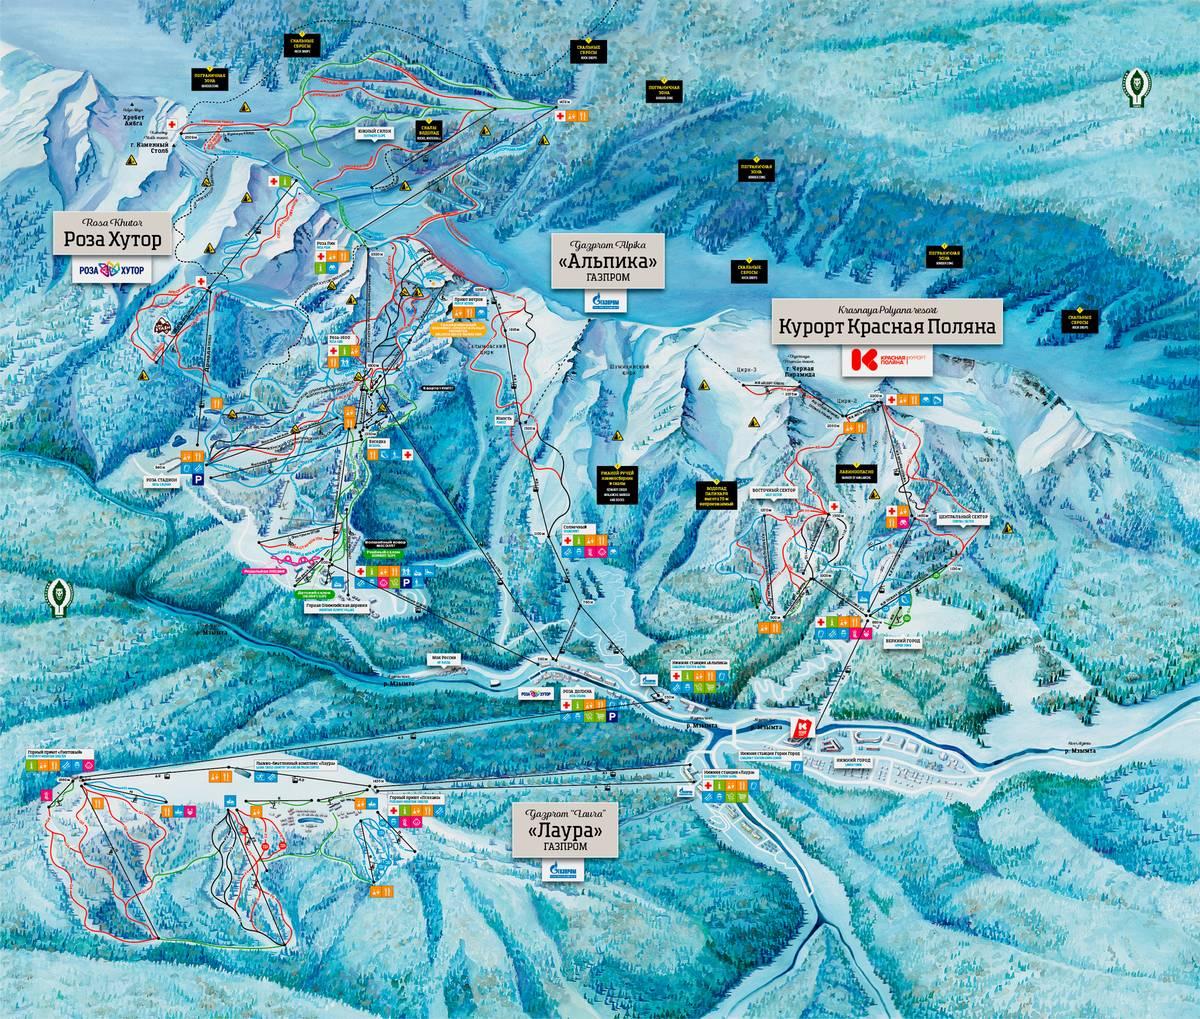 Карта всех трех курортов. Источник: сайт «Розы Хутор»